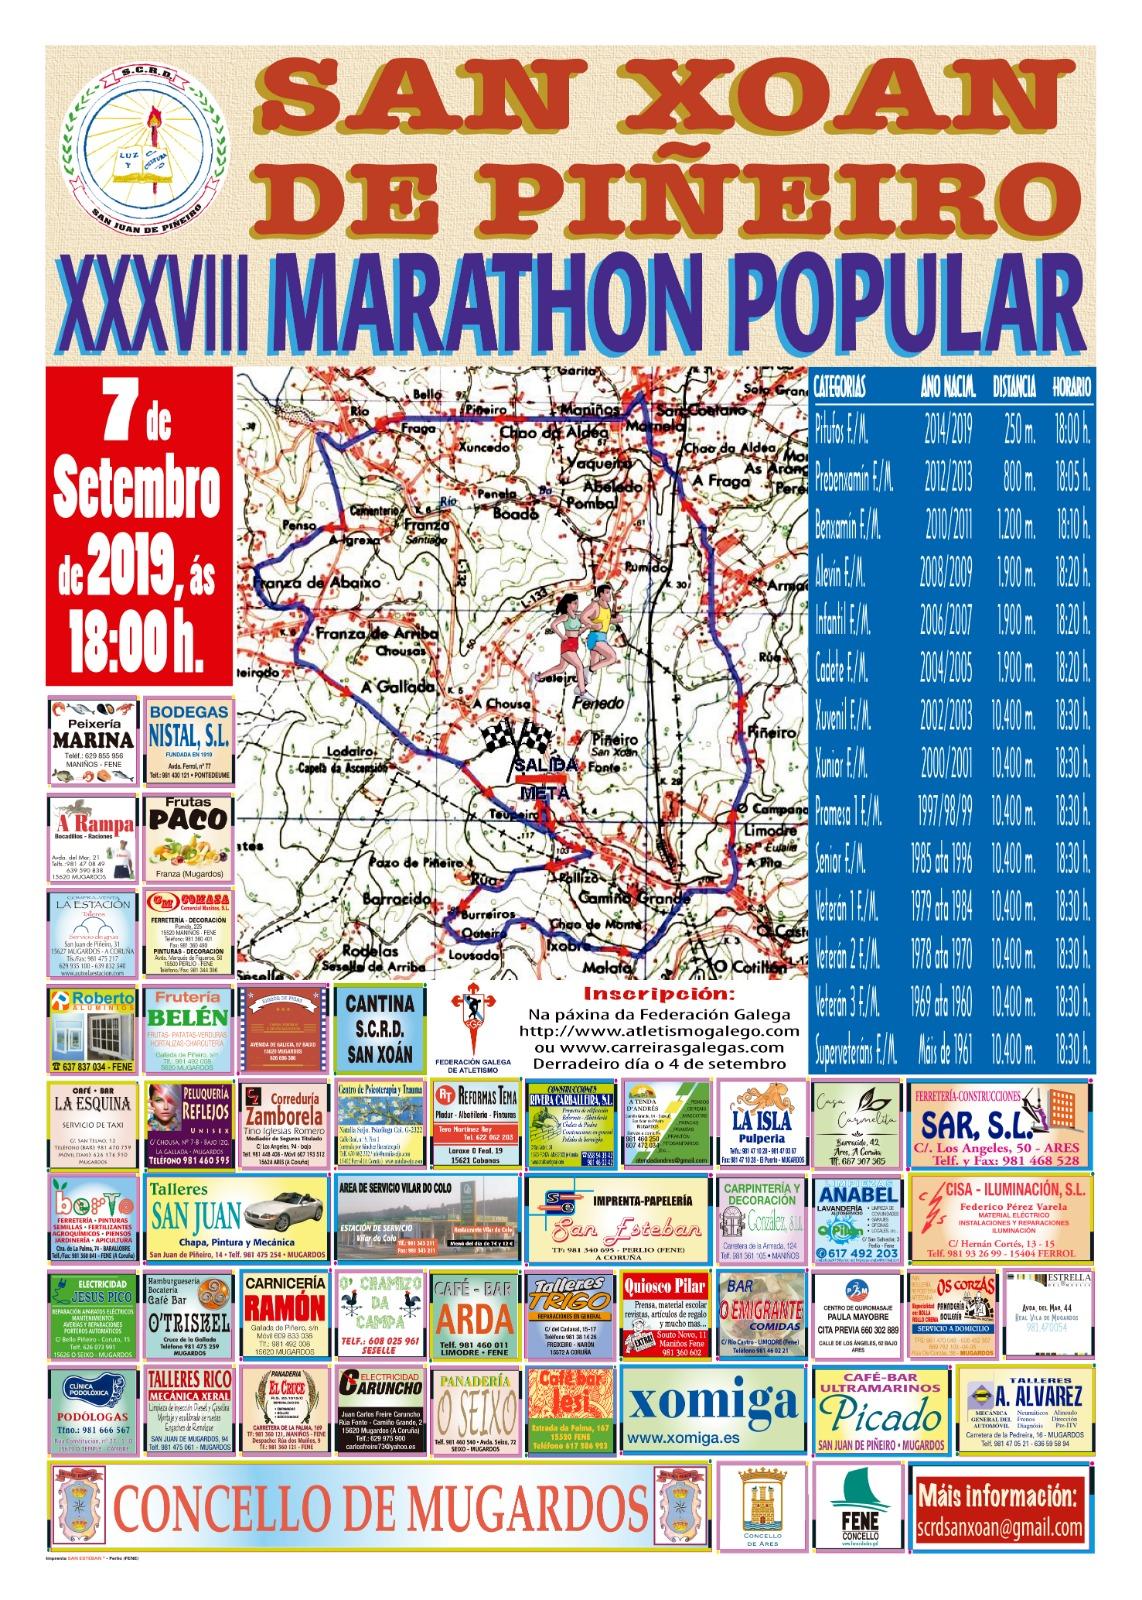 XXXVIII Maratón Popular San Xoán de Piñeiro